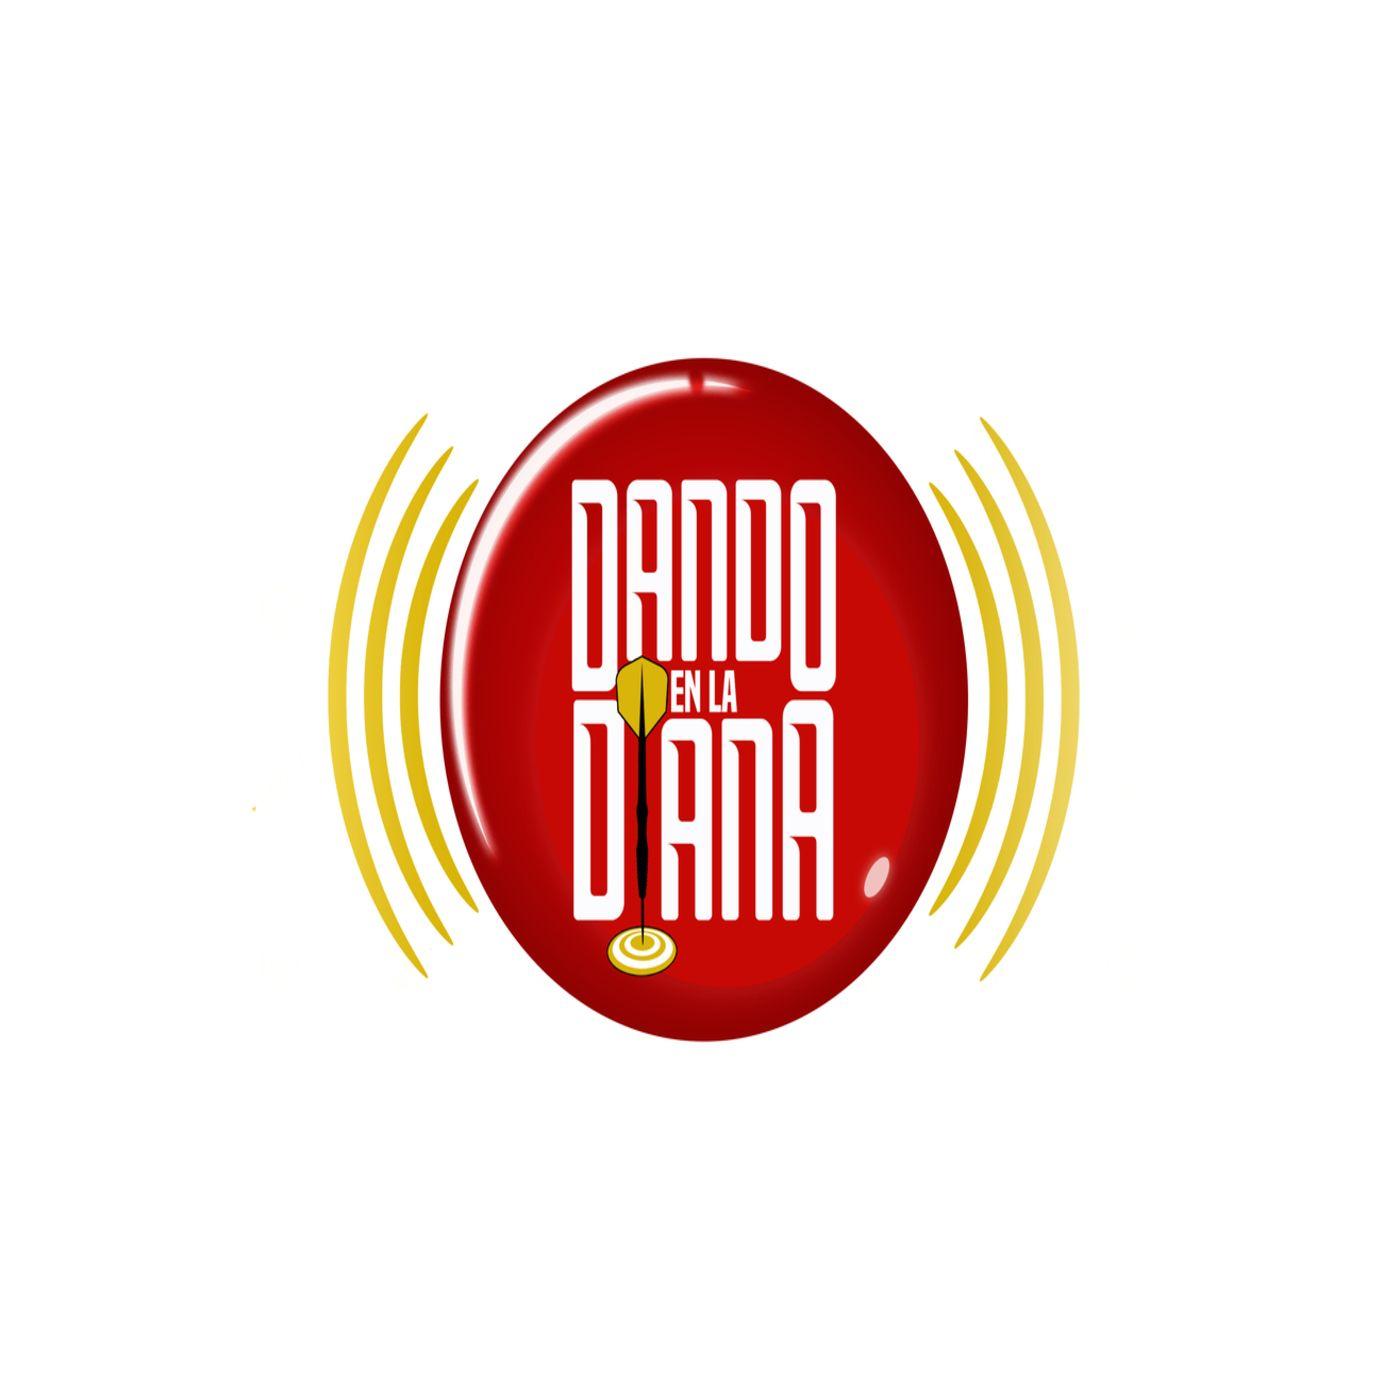 Dando en la Diana - Episodio 68 - 2 Diciembre 2020 - Faruk Miguel / Esmeralda Moronta